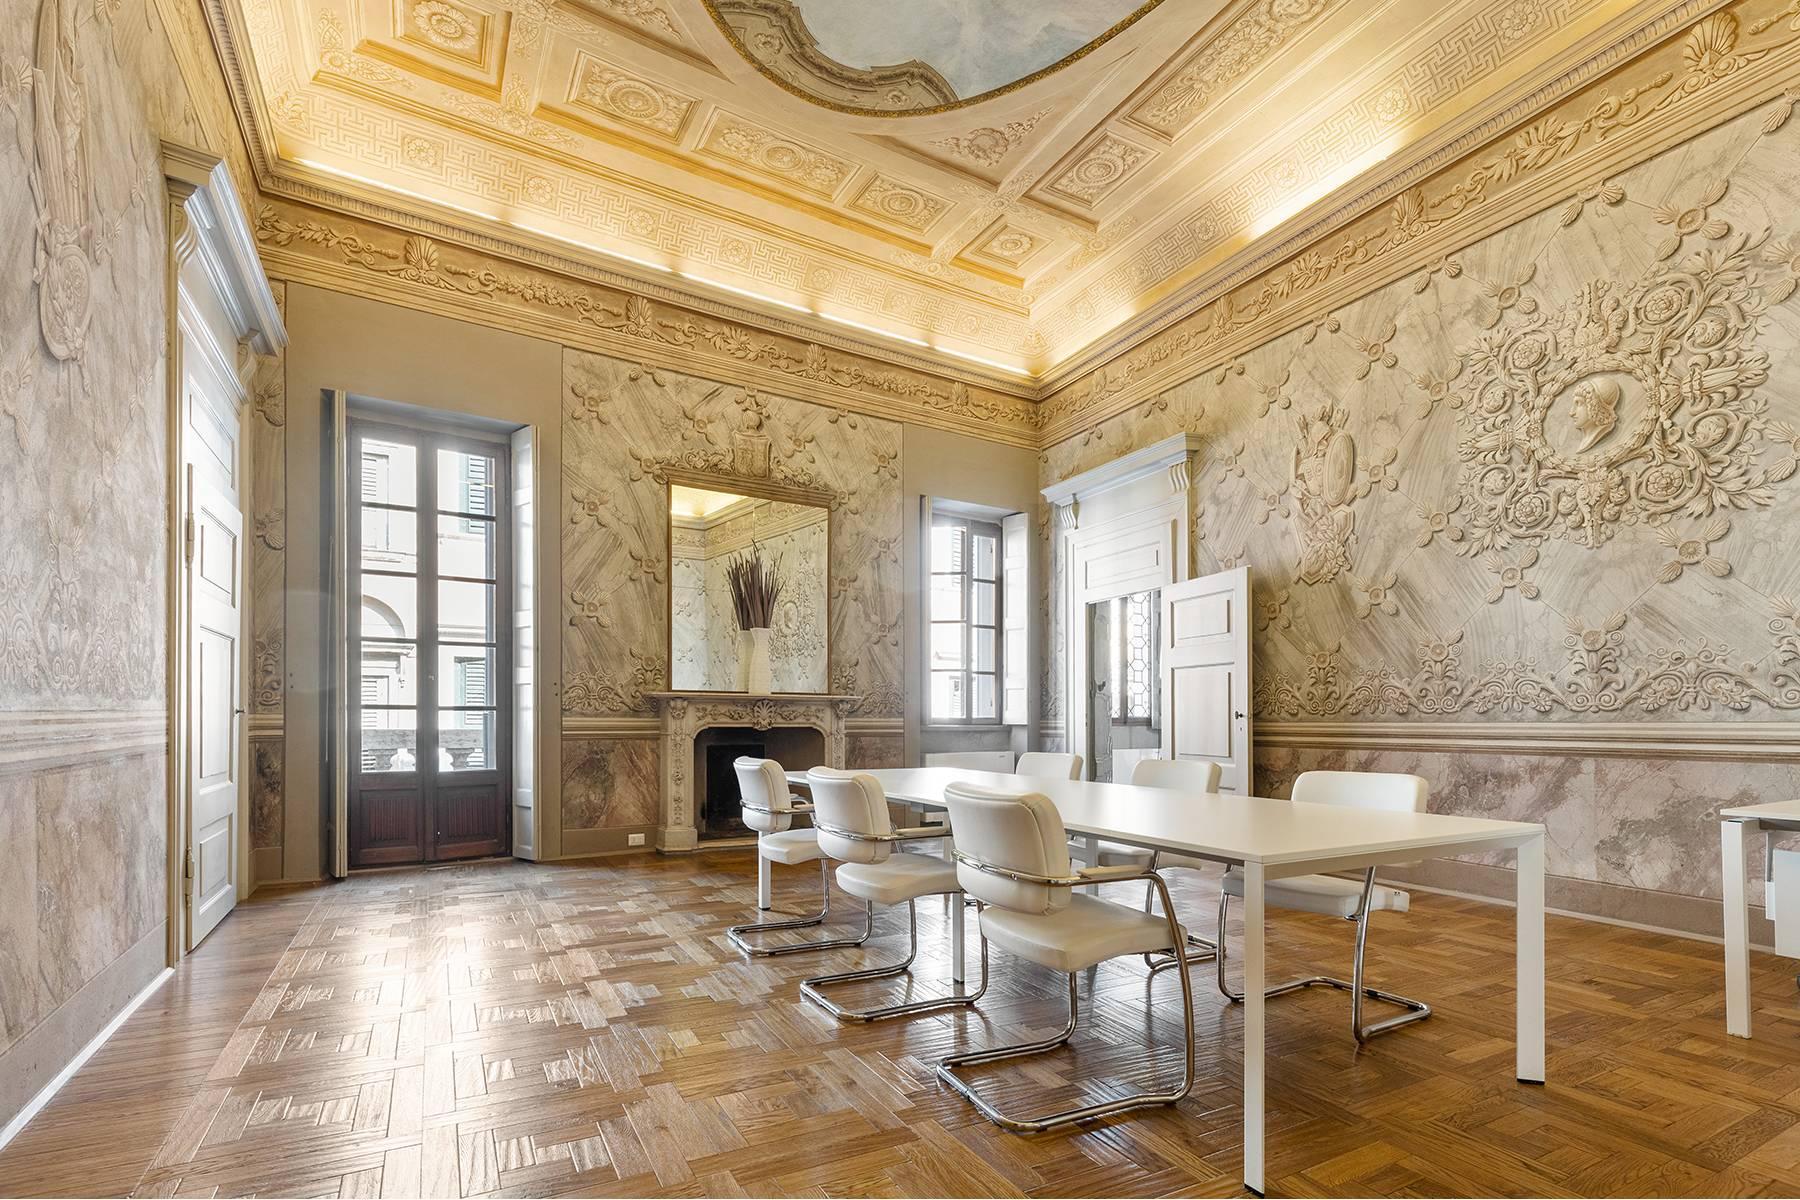 Magnifico Piano nobile affrescato in centro a Verona - 4